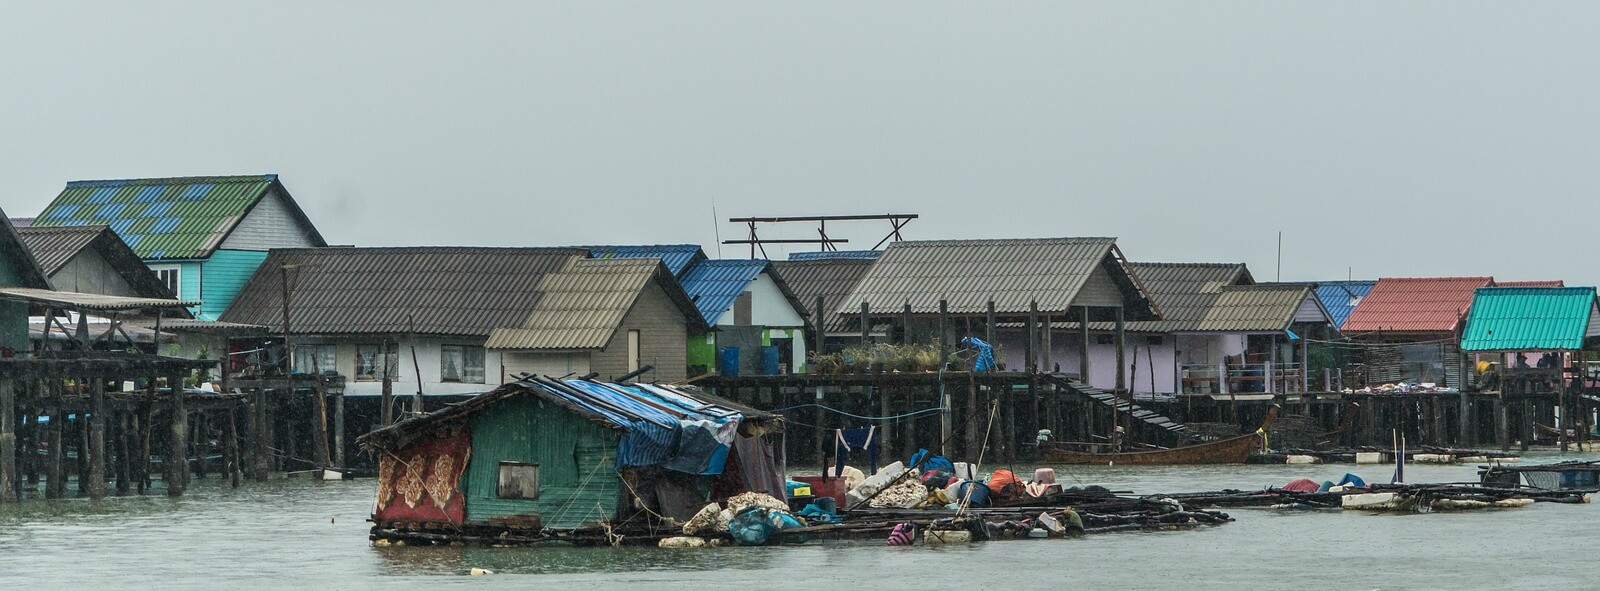 floating-village-cambodia